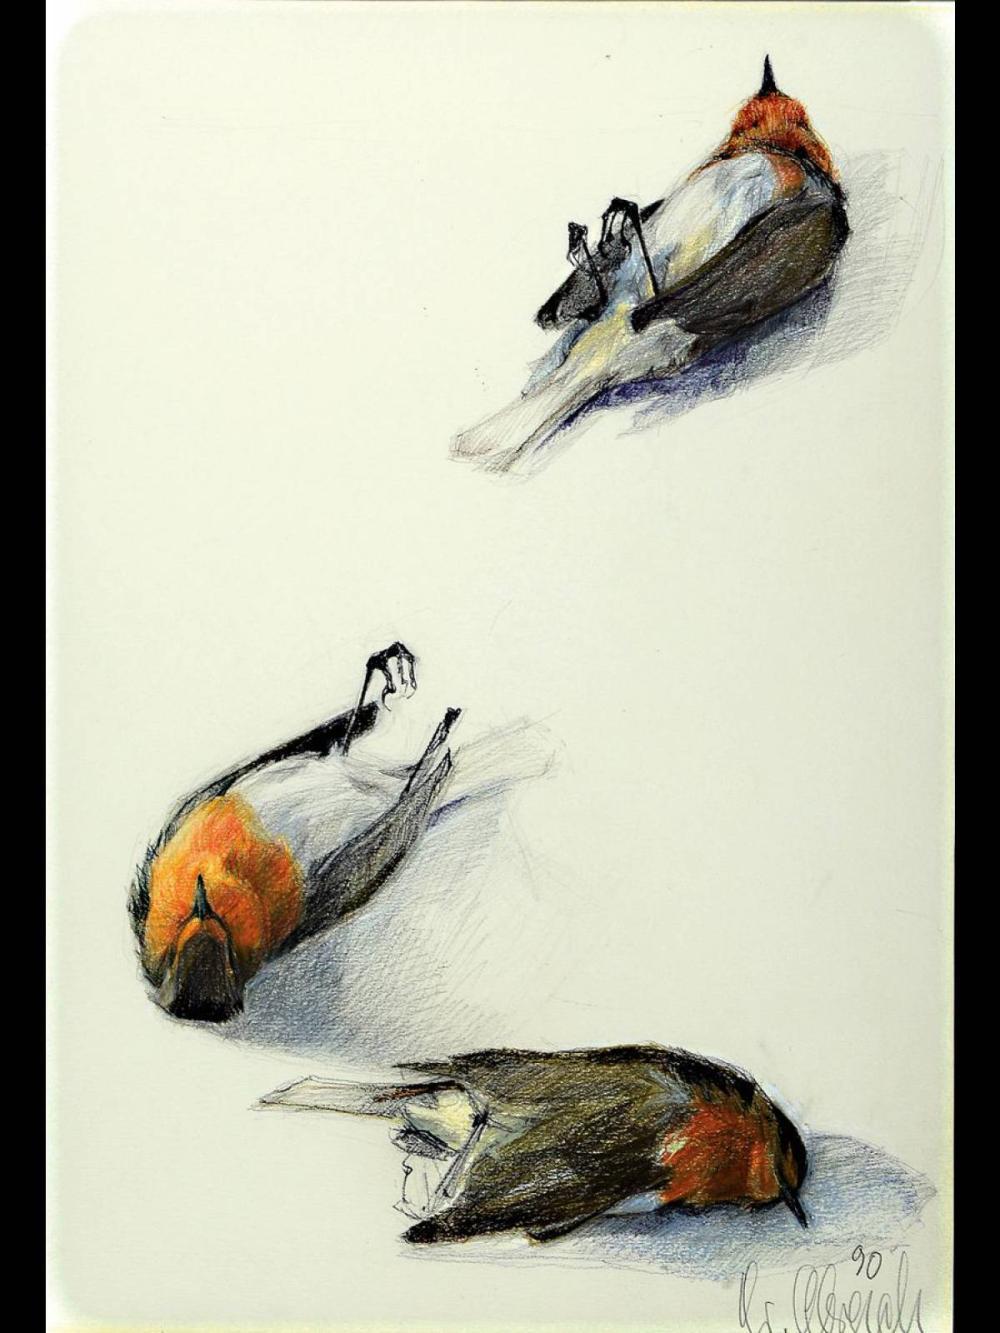 Christel Abresch, 1931 Sulzbach-2011 Neustadt,2 works: